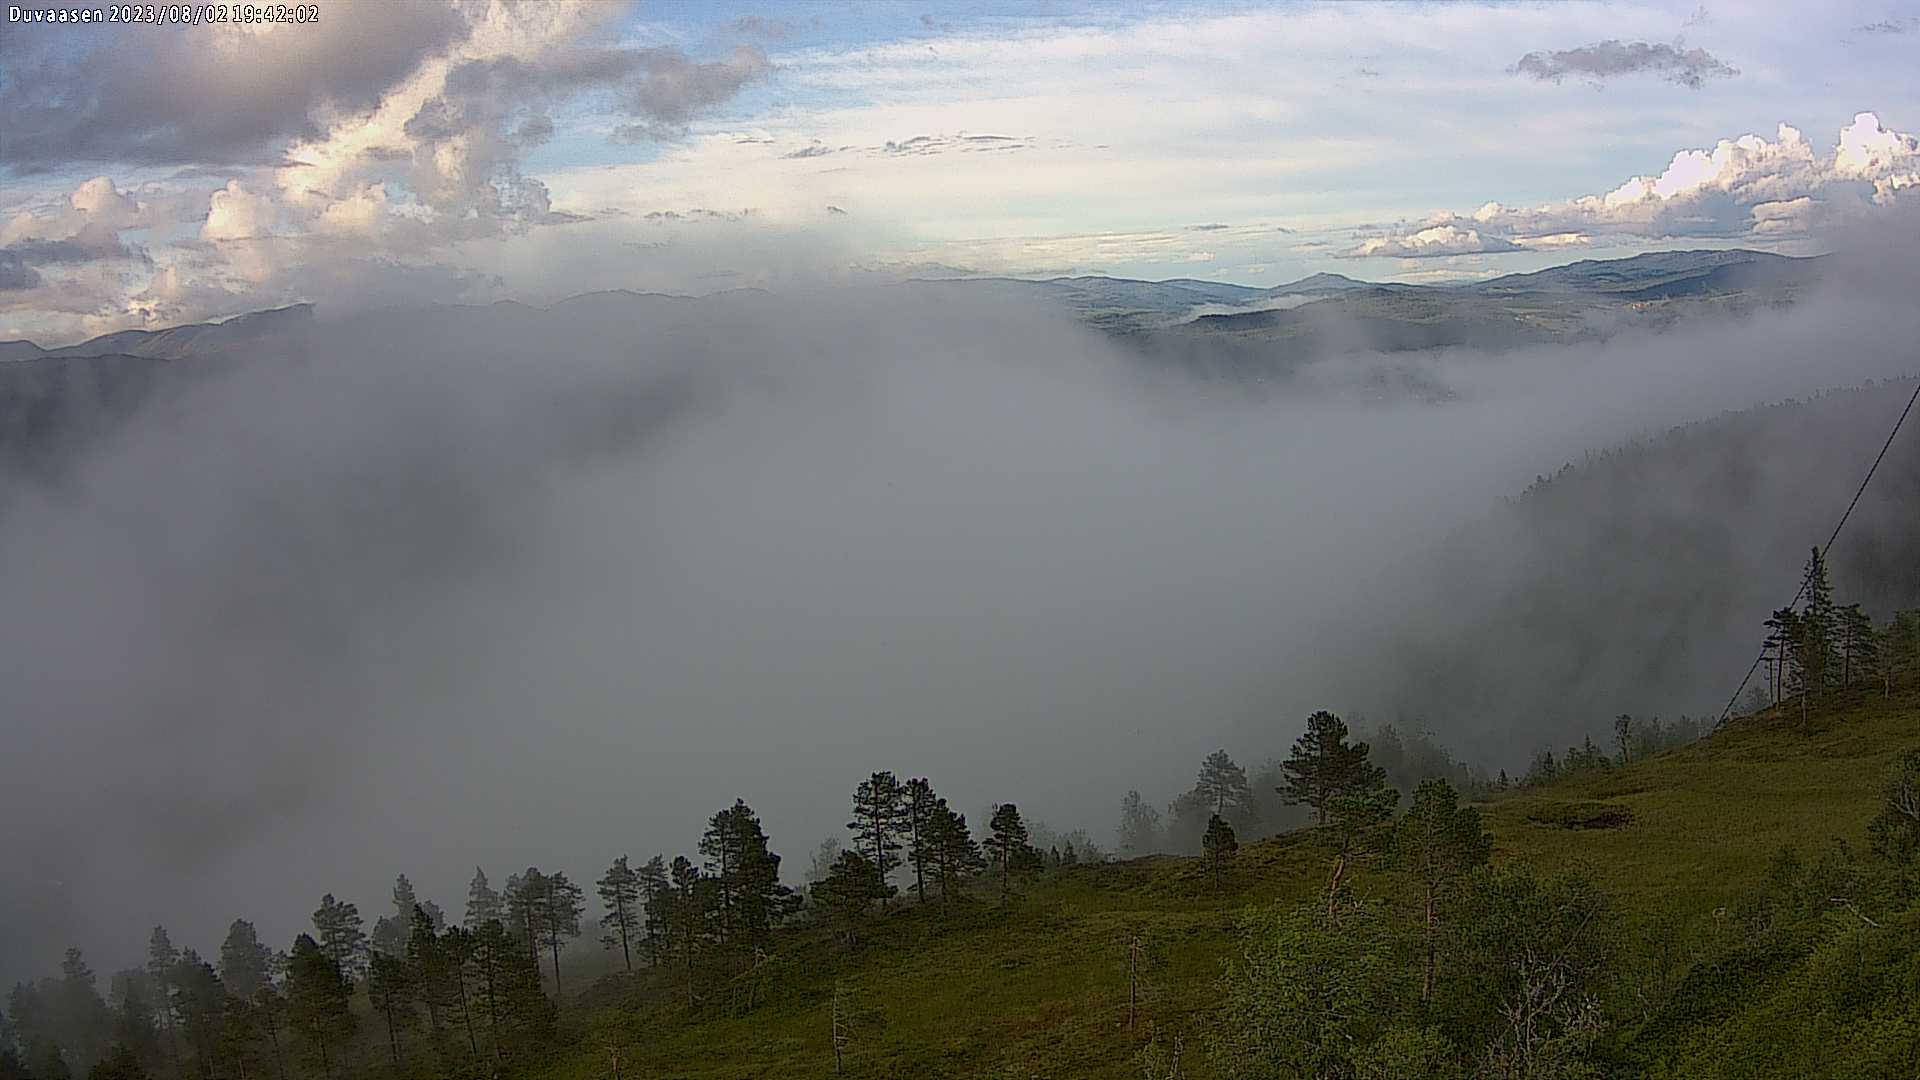 duvasen » duvasen1000M.jpg